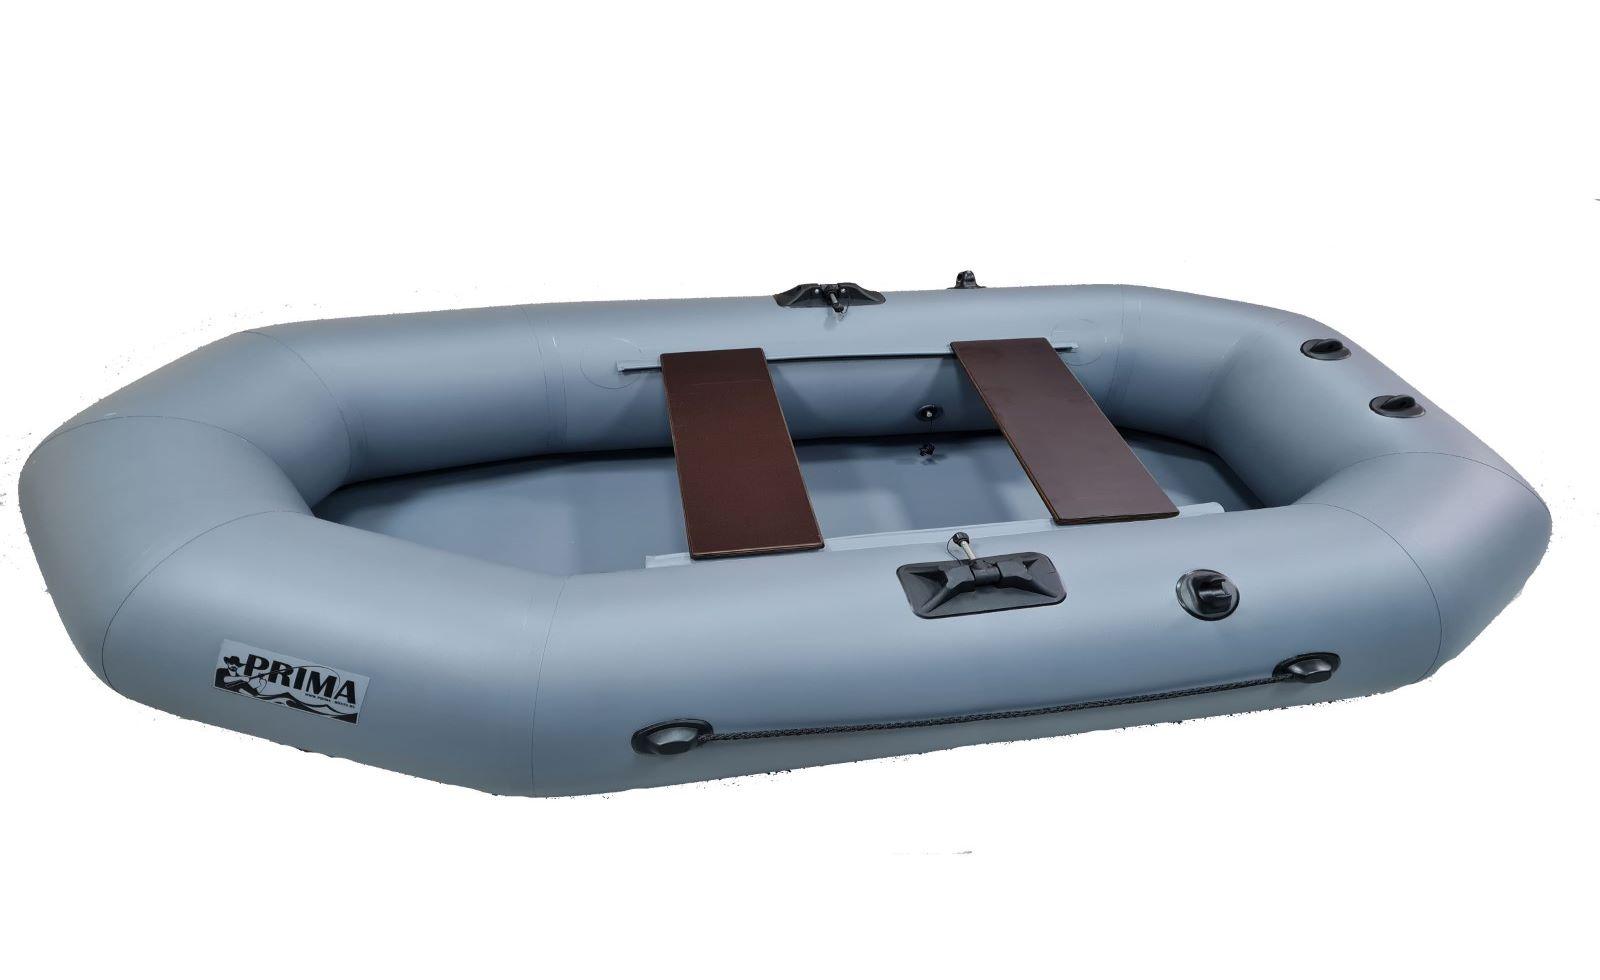 Гребная лодка Prima Profi 240